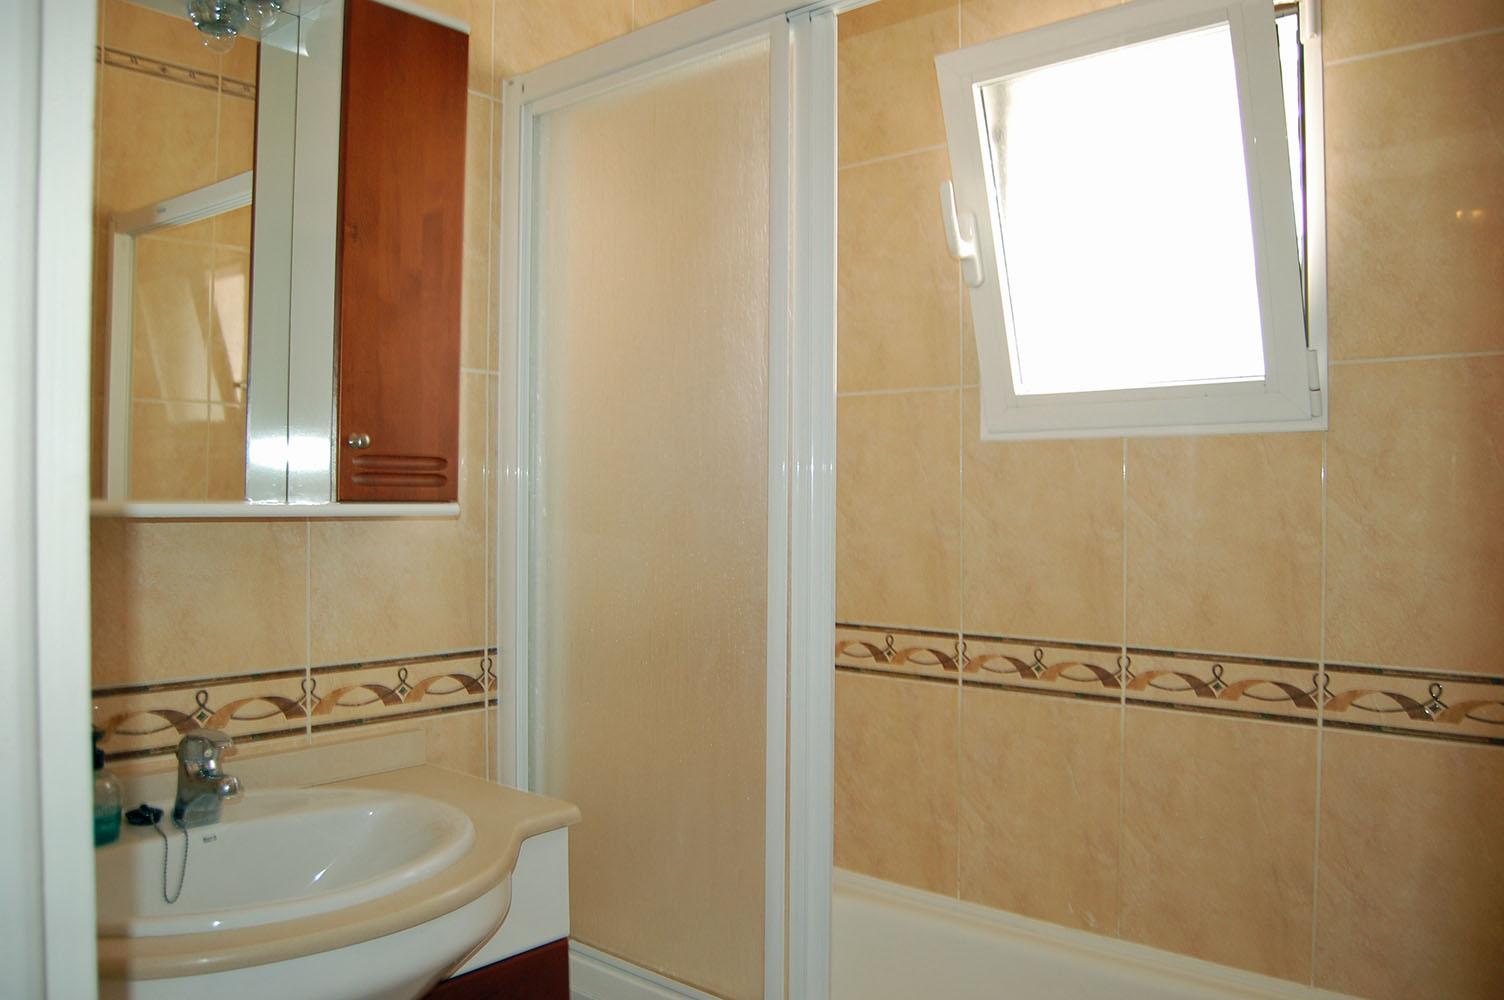 ITSH Property Full bathroom 11